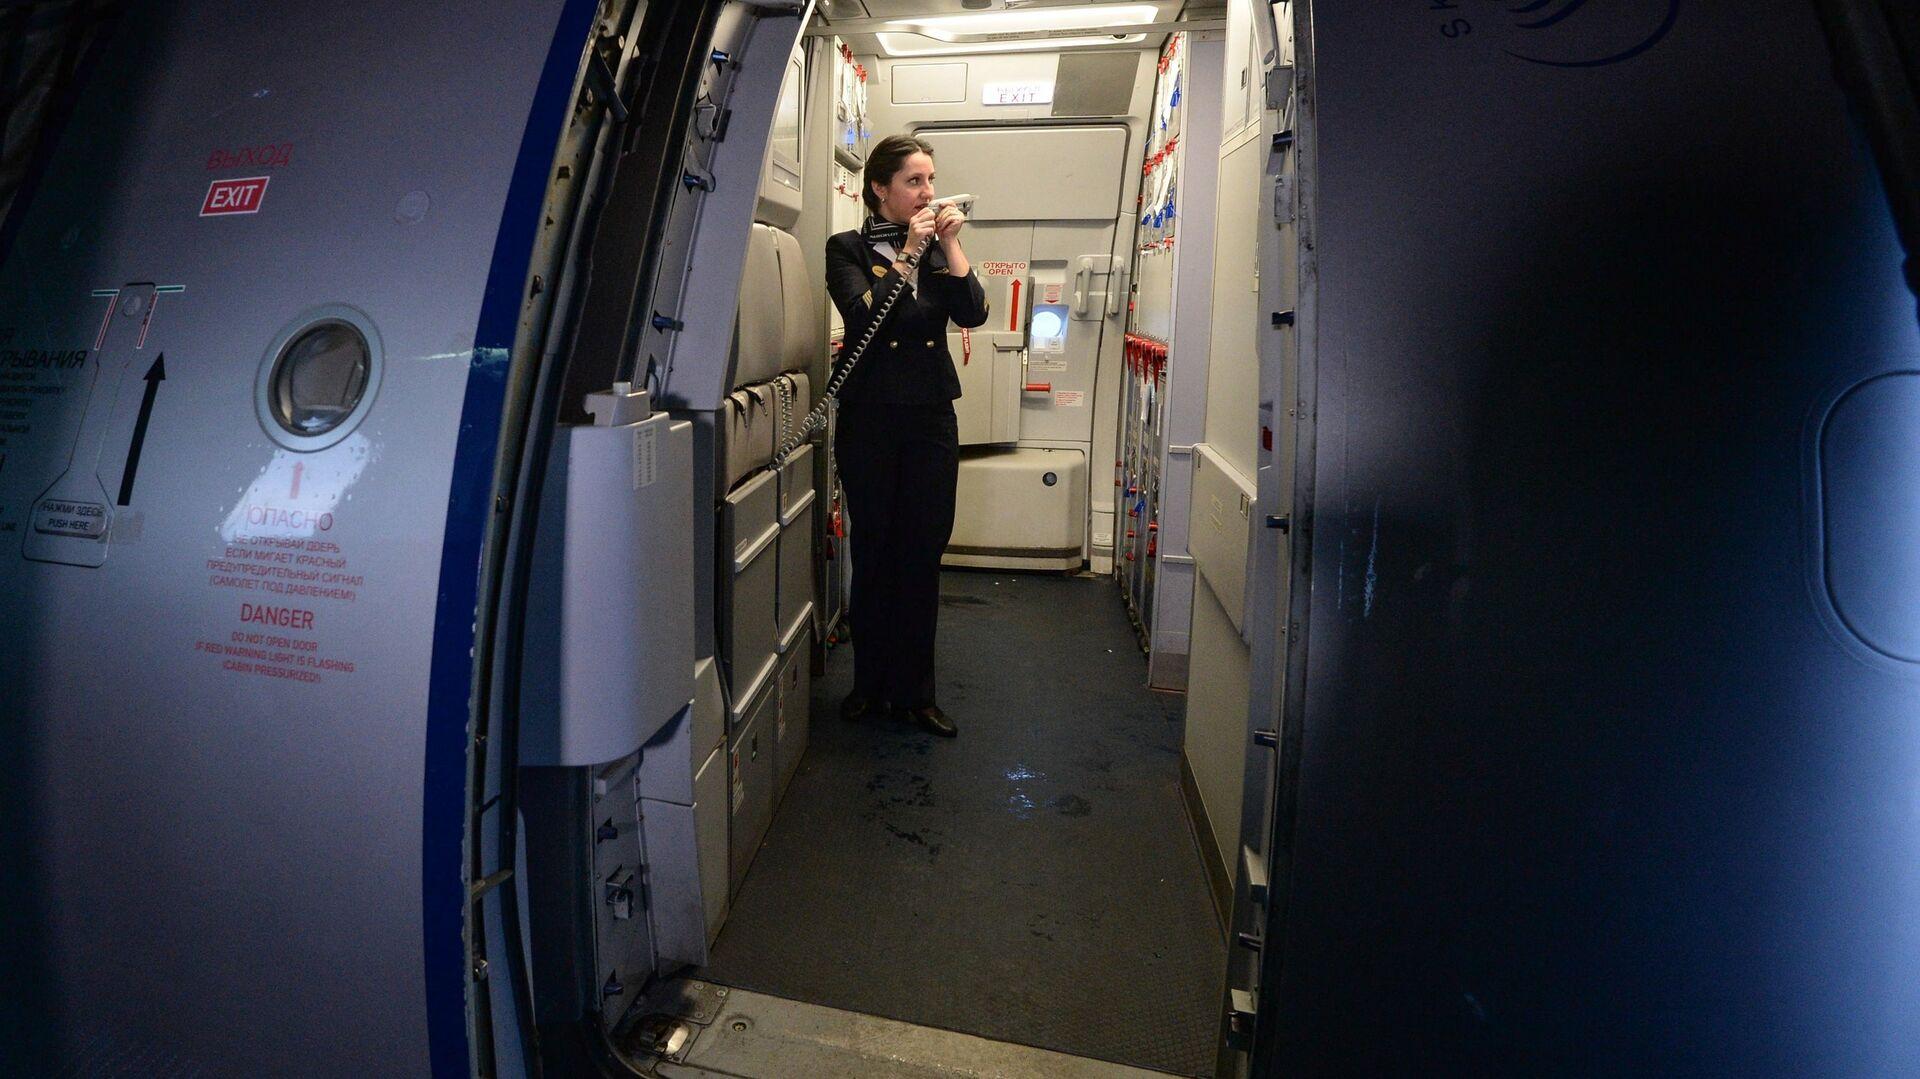 Бортпроводник рейса SU 1307 авиакомпании Аэрофлот во время подготовки к рейсу самолета А-321 на стоянке в новосибирском аэропорту Толмачево - РИА Новости, 1920, 27.01.2021